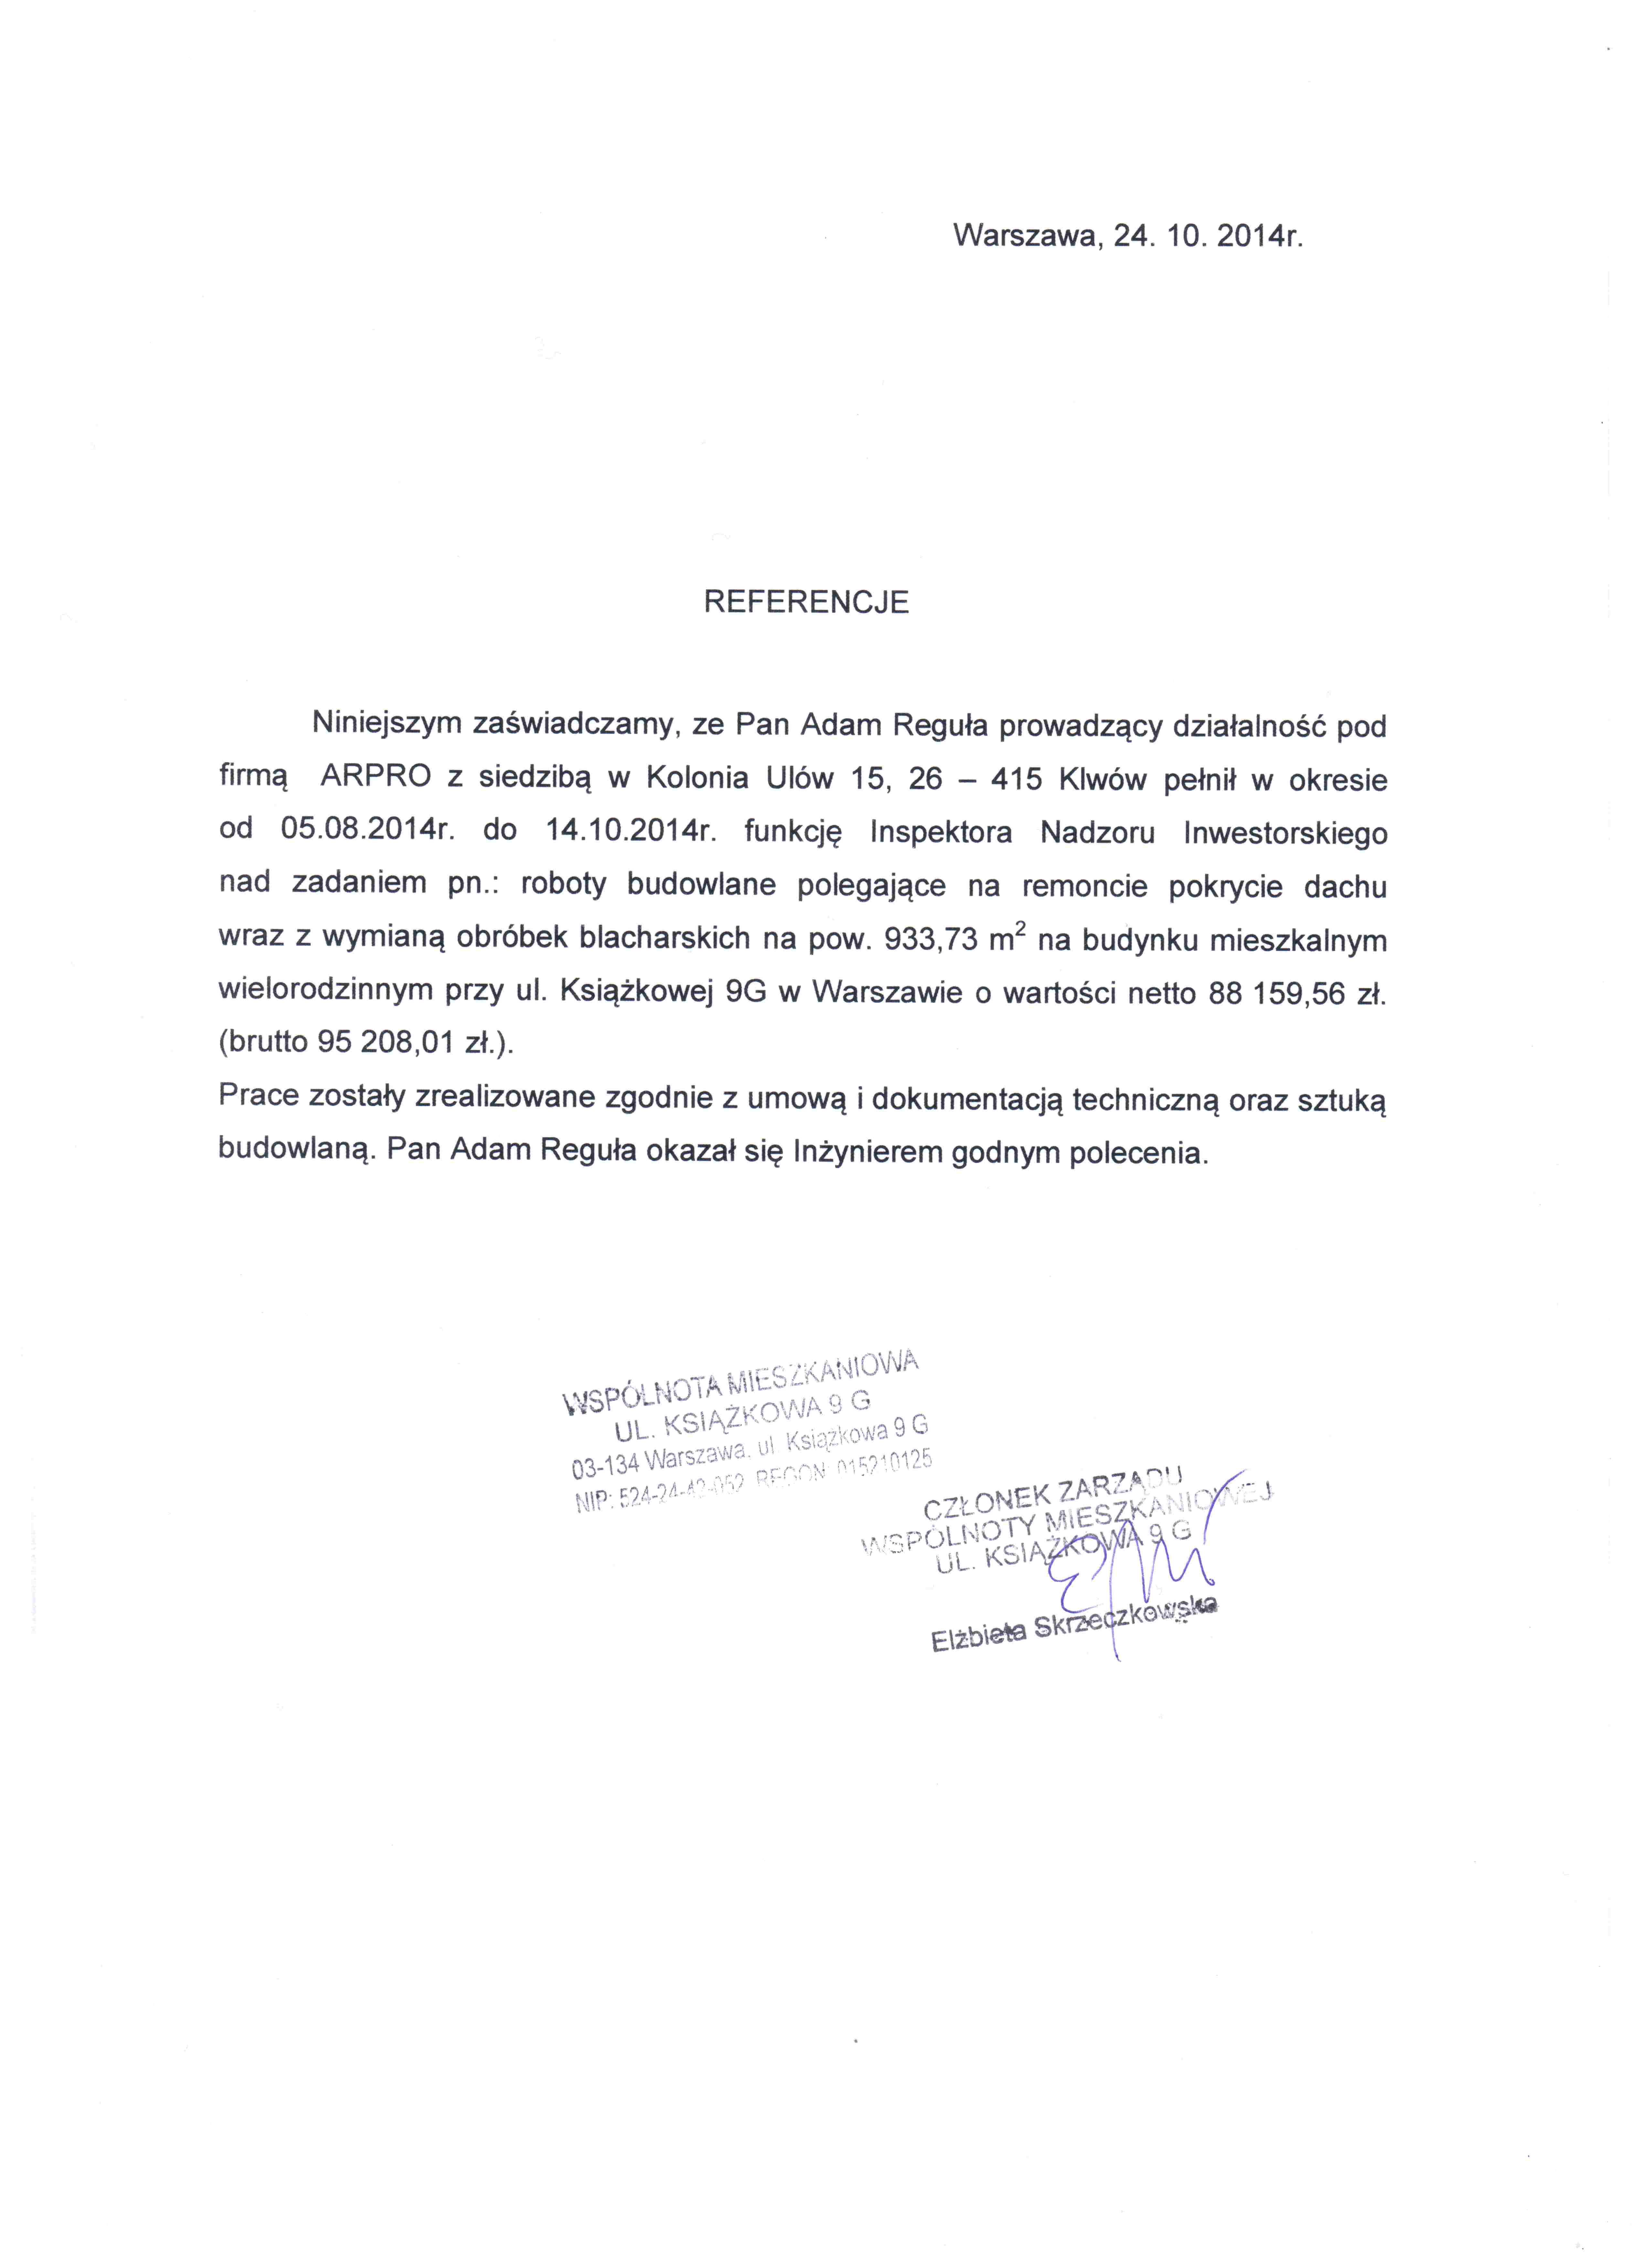 Referencje od klienta dla firmy Arpro. nr 2